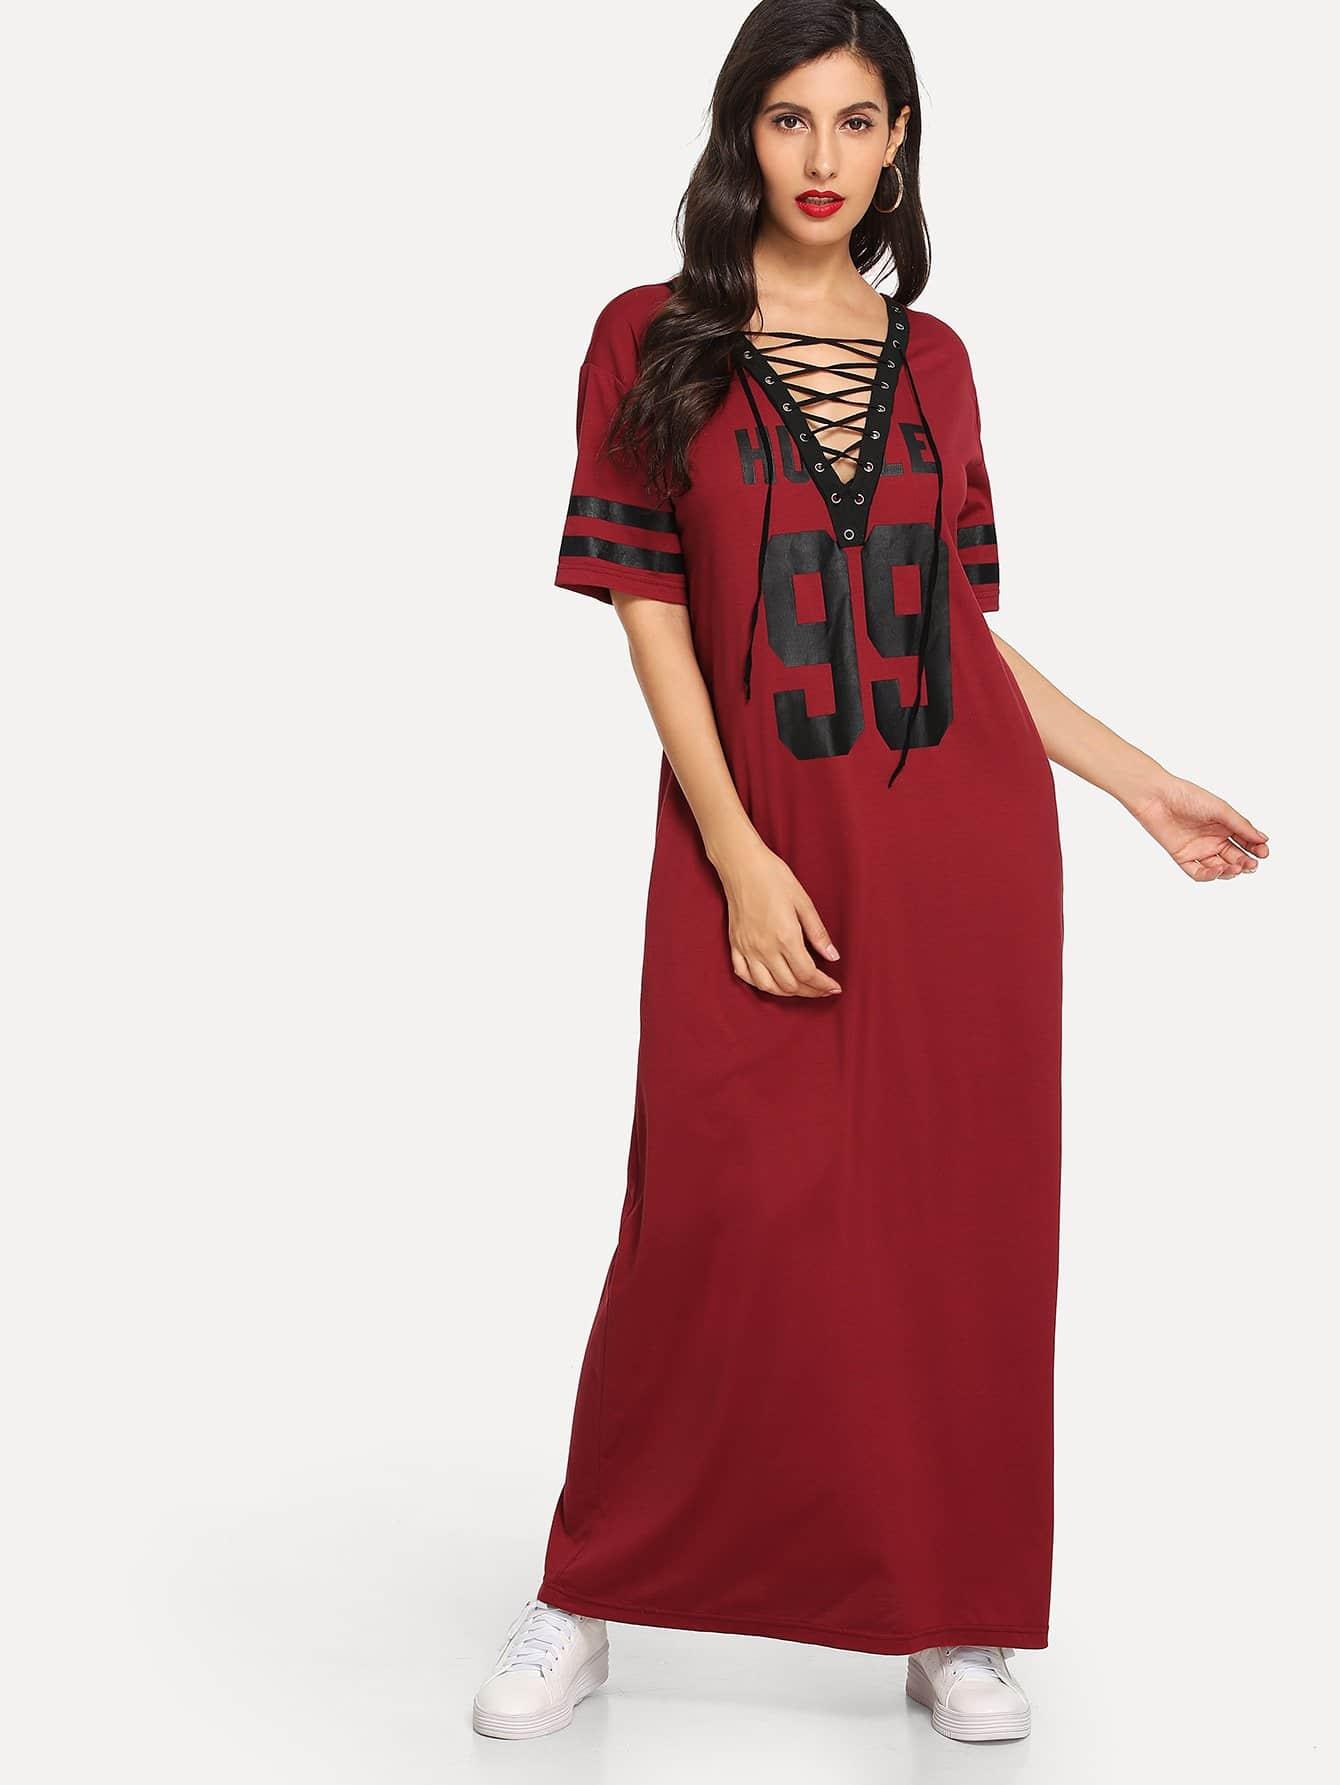 Купить Металлические люверсы шнуровкое платье V шеи, Jeane, SheIn